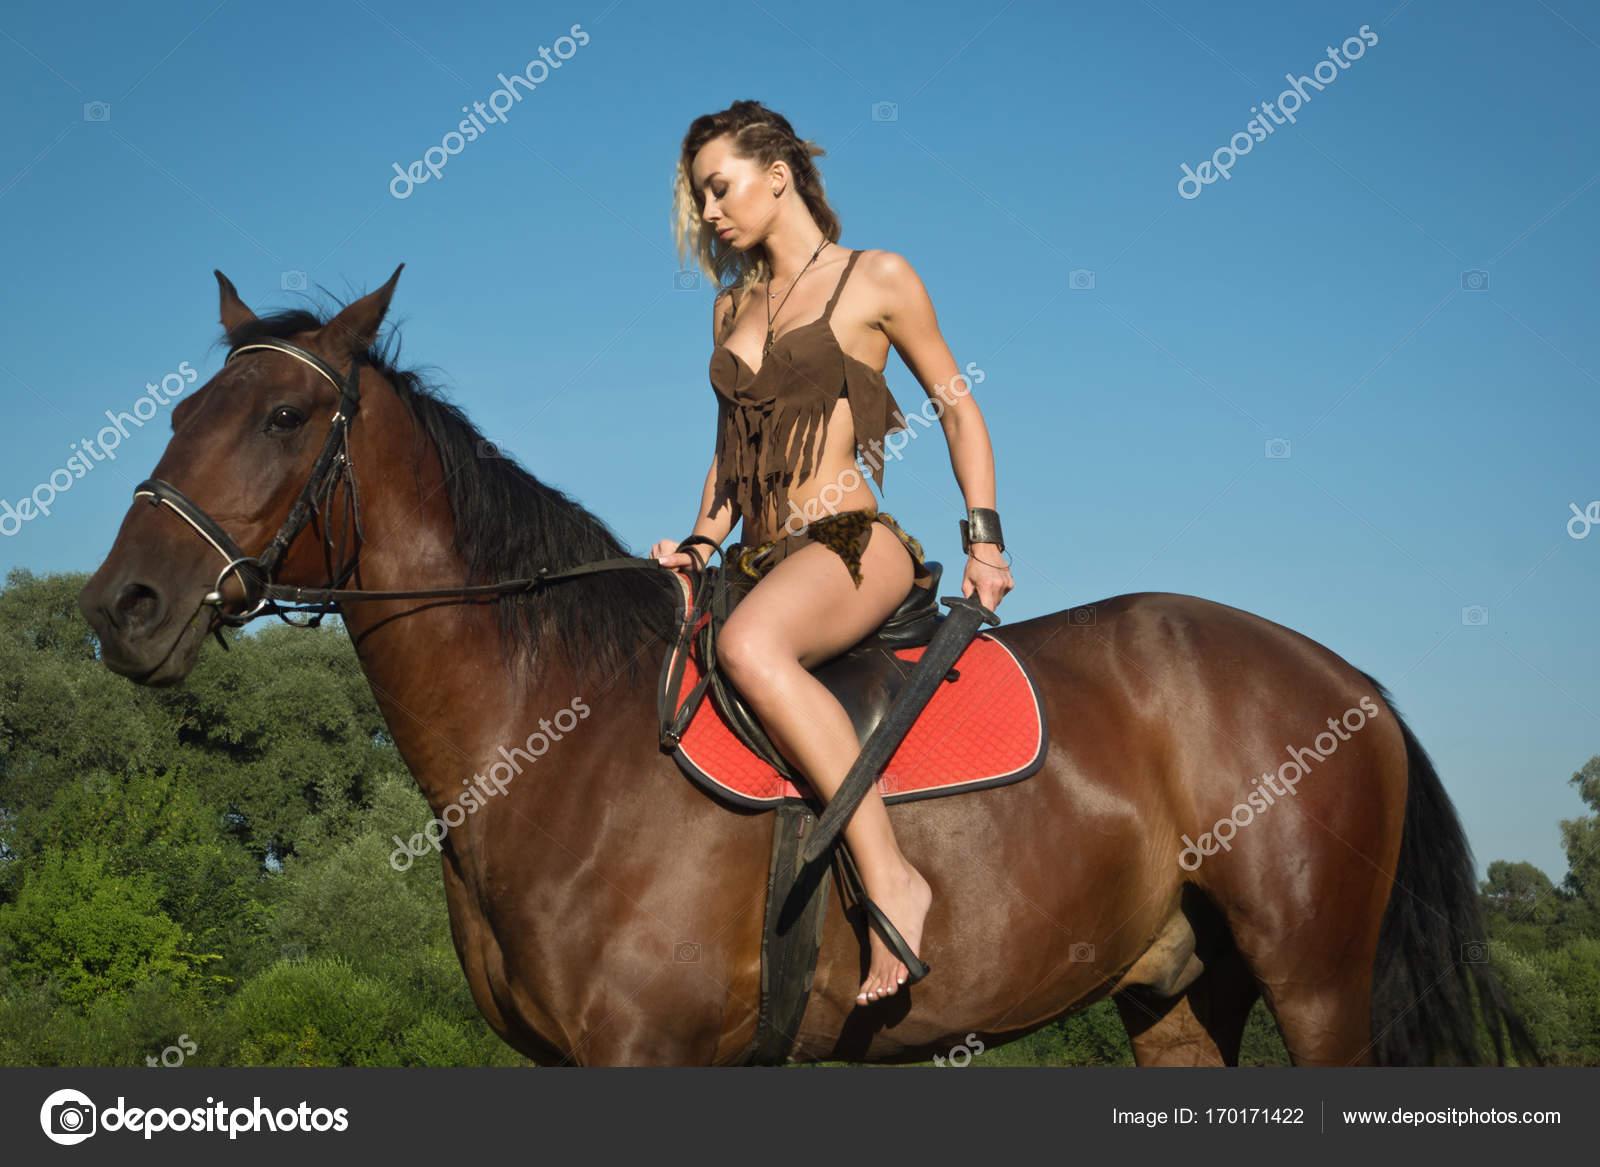 6e09089e7 Chica salvaje Amazona a caballo — Fotos de Stock © Demian  170171422